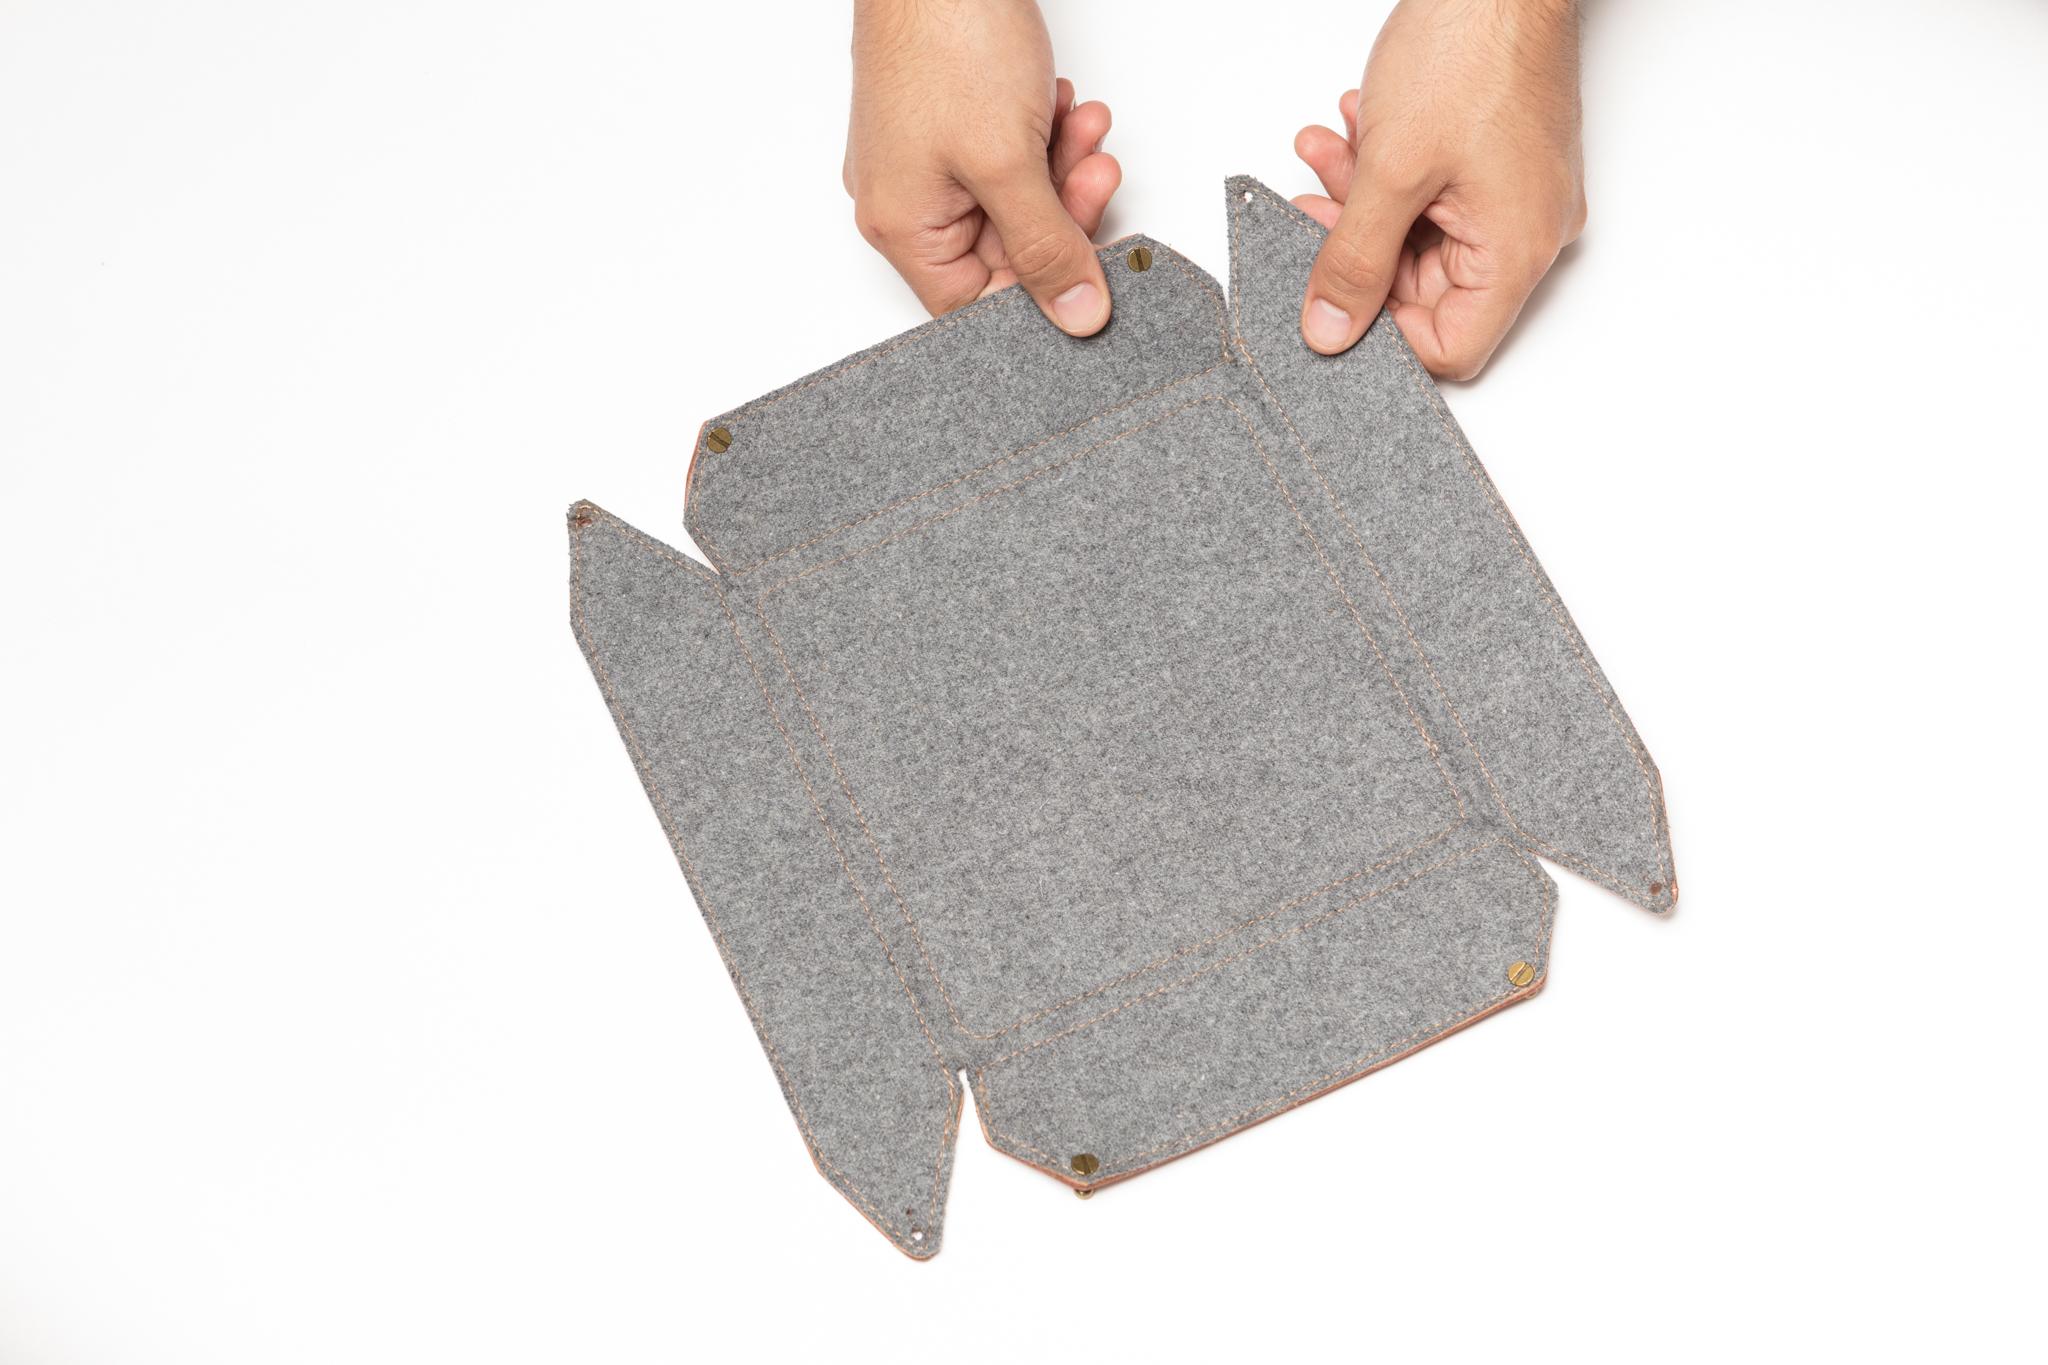 jorge-diego-etienne-fold-lo-esencial-6a